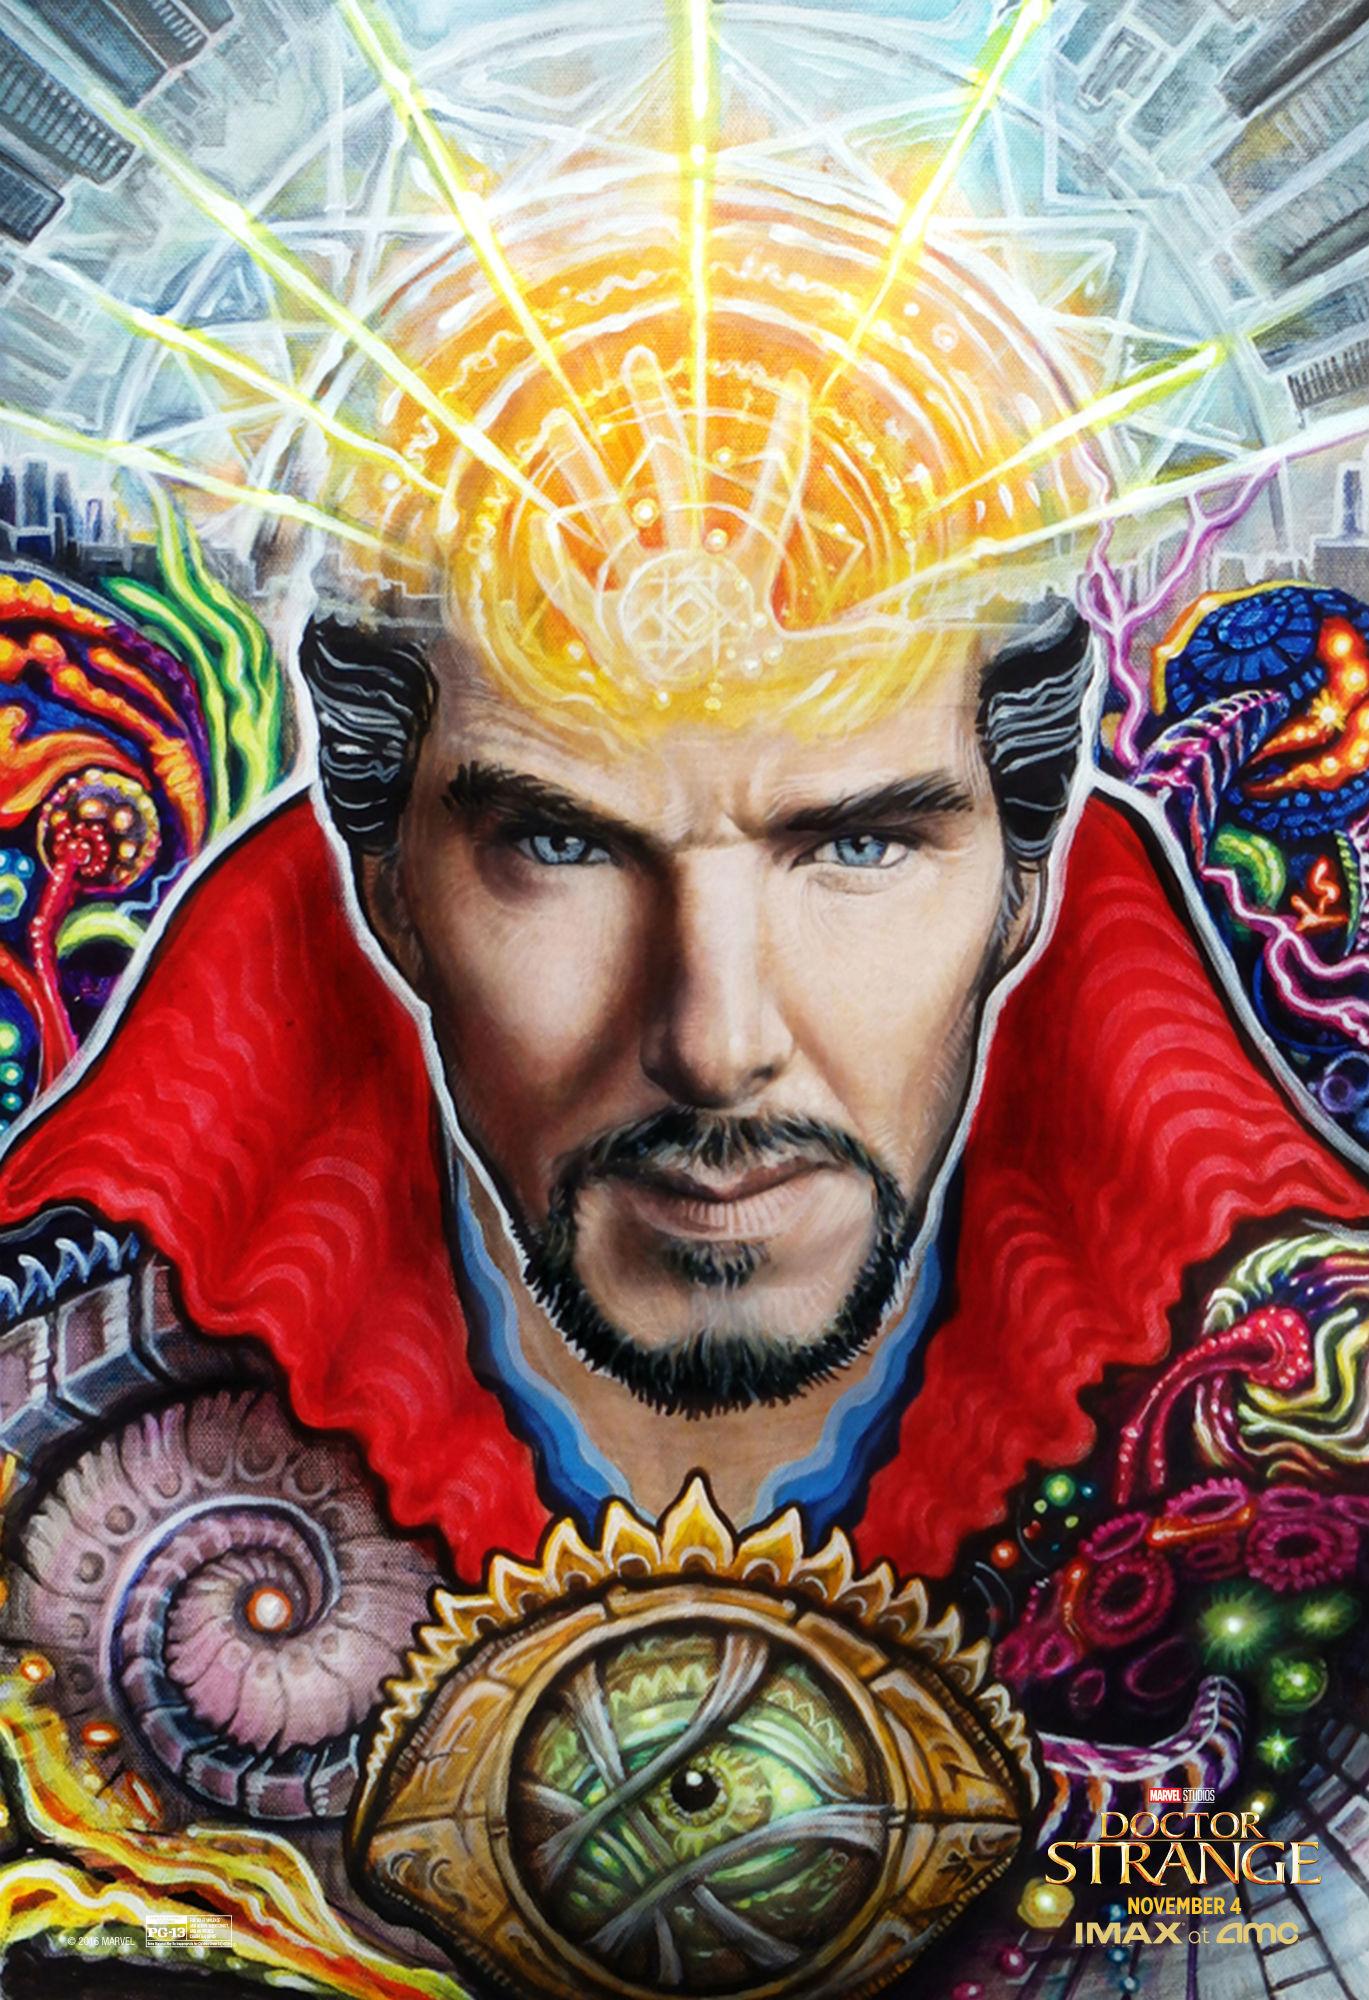 Doctor Strange: un nuovo poster del film